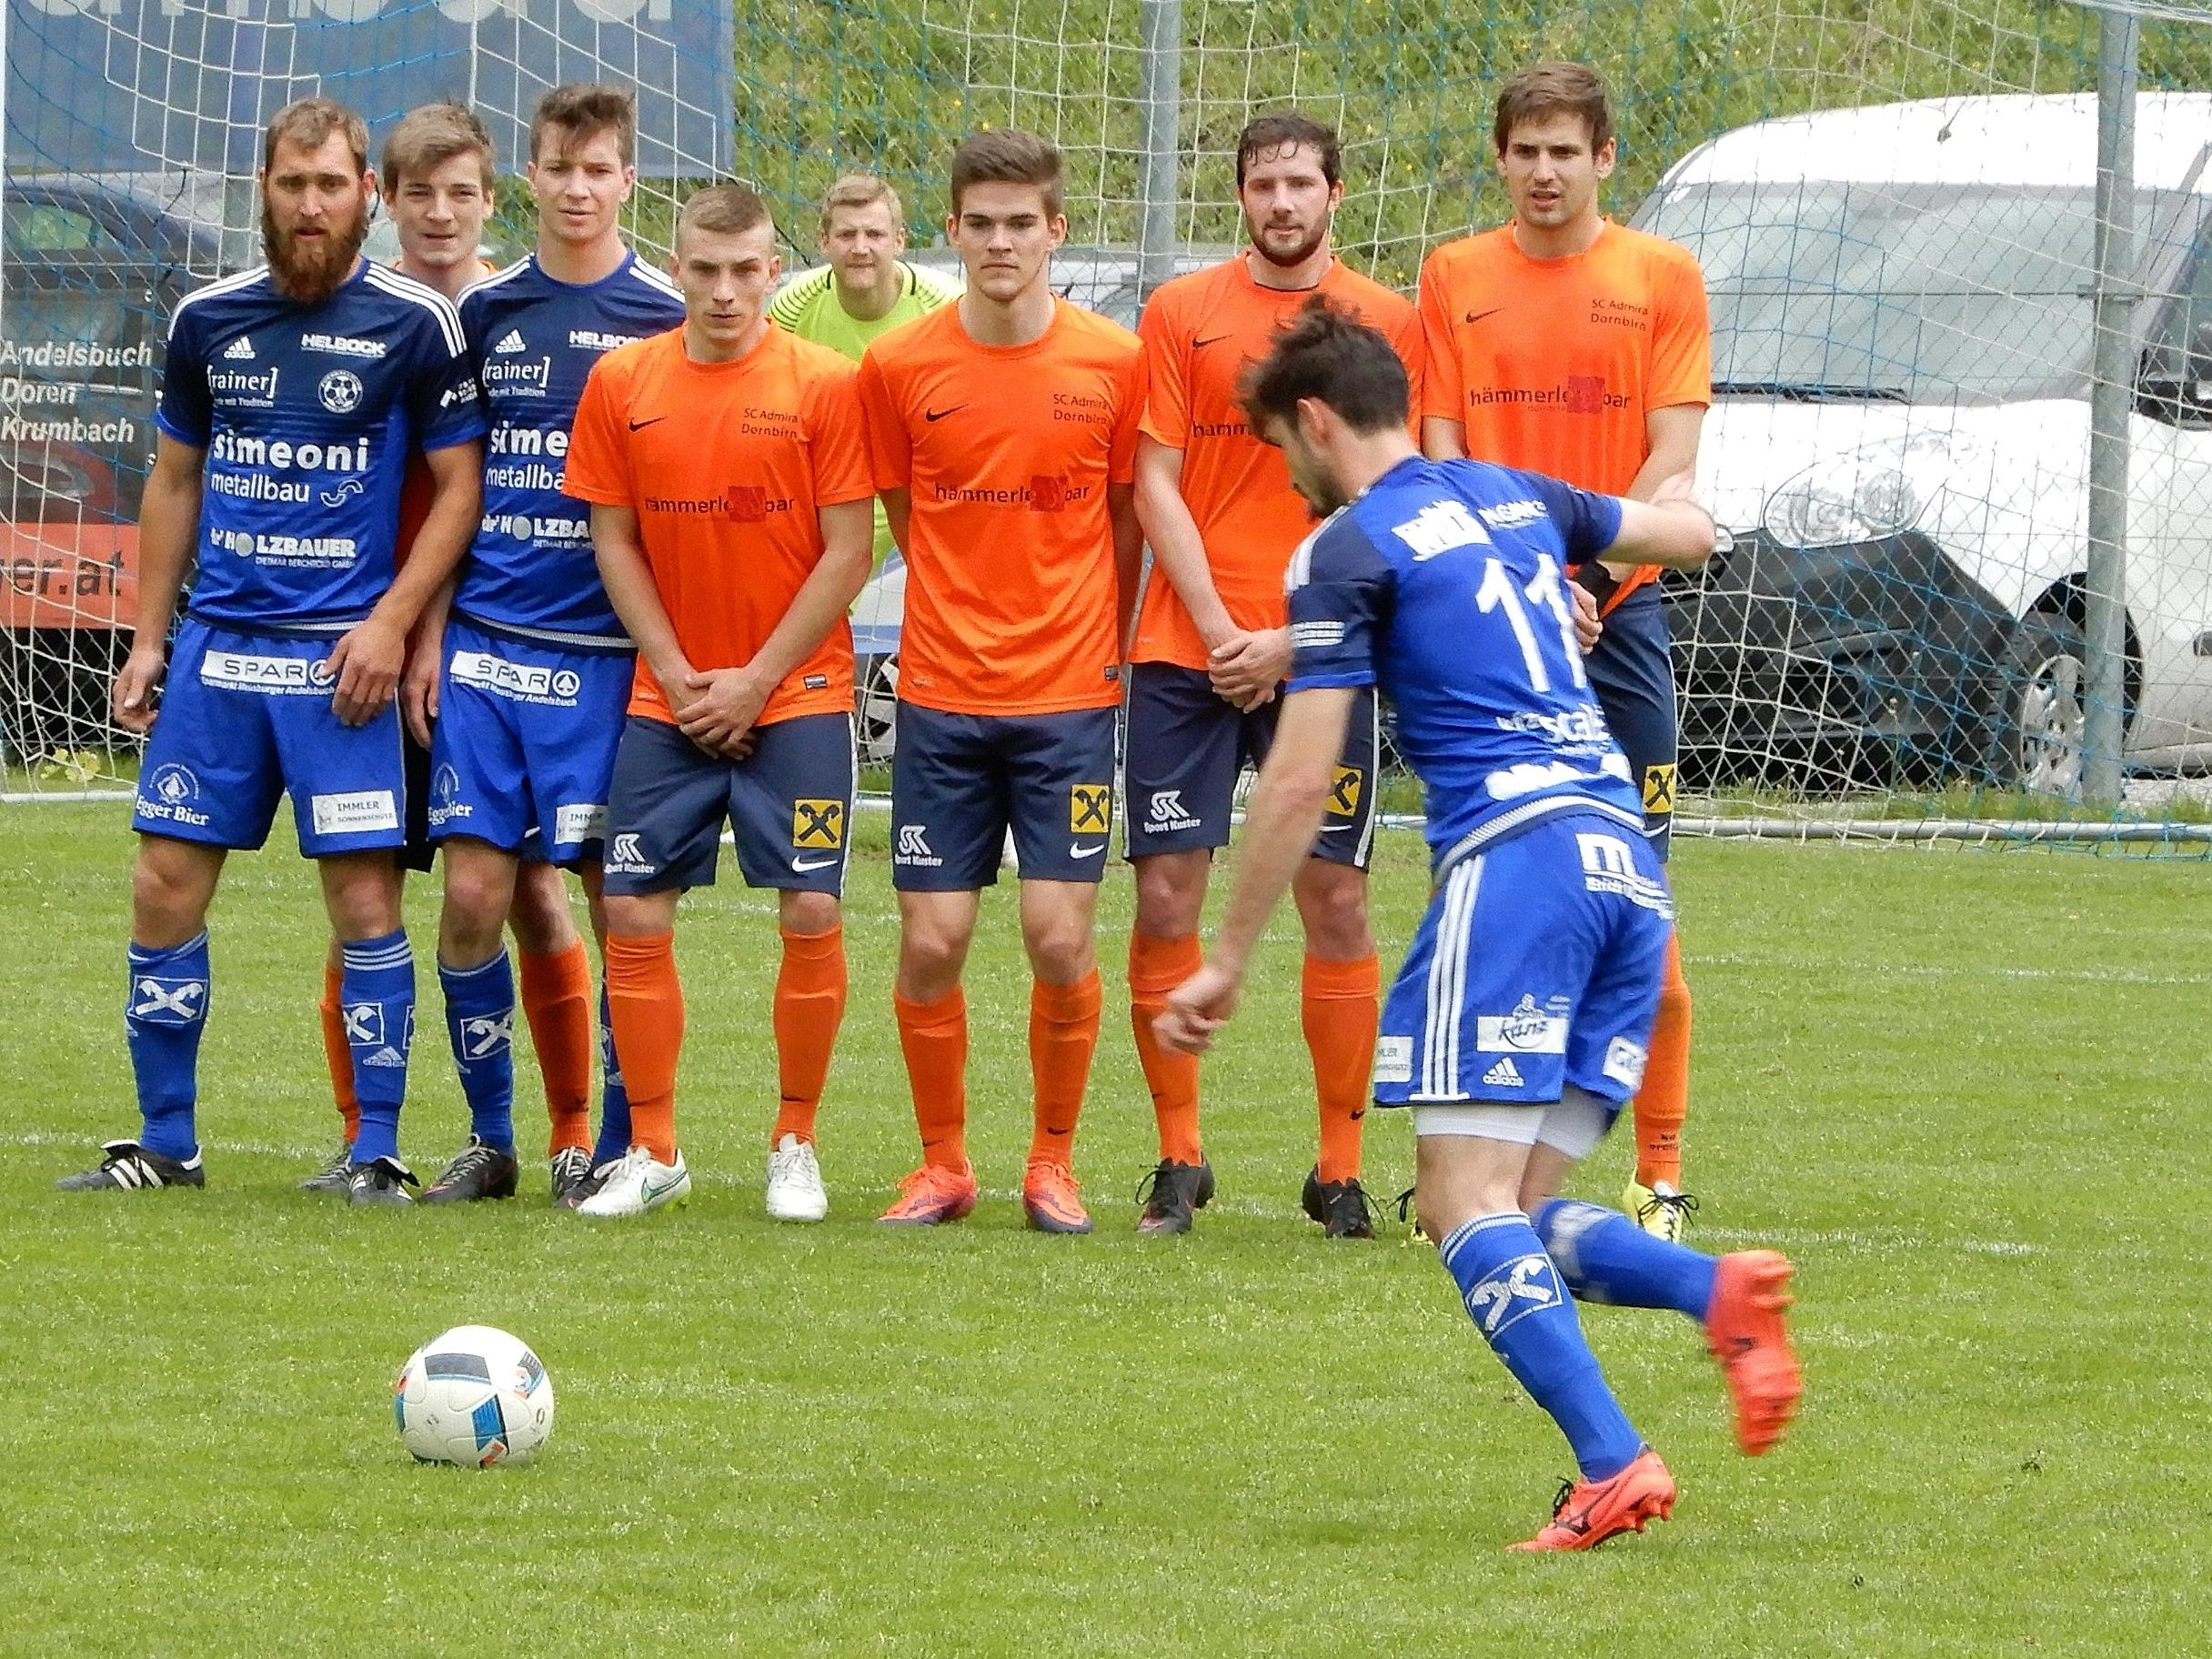 Spektakuläre Torchancen und Aktionen gab es beim Spiel Admira Dornbirn gegen SC Andelsbuch fast im Minutentakt.